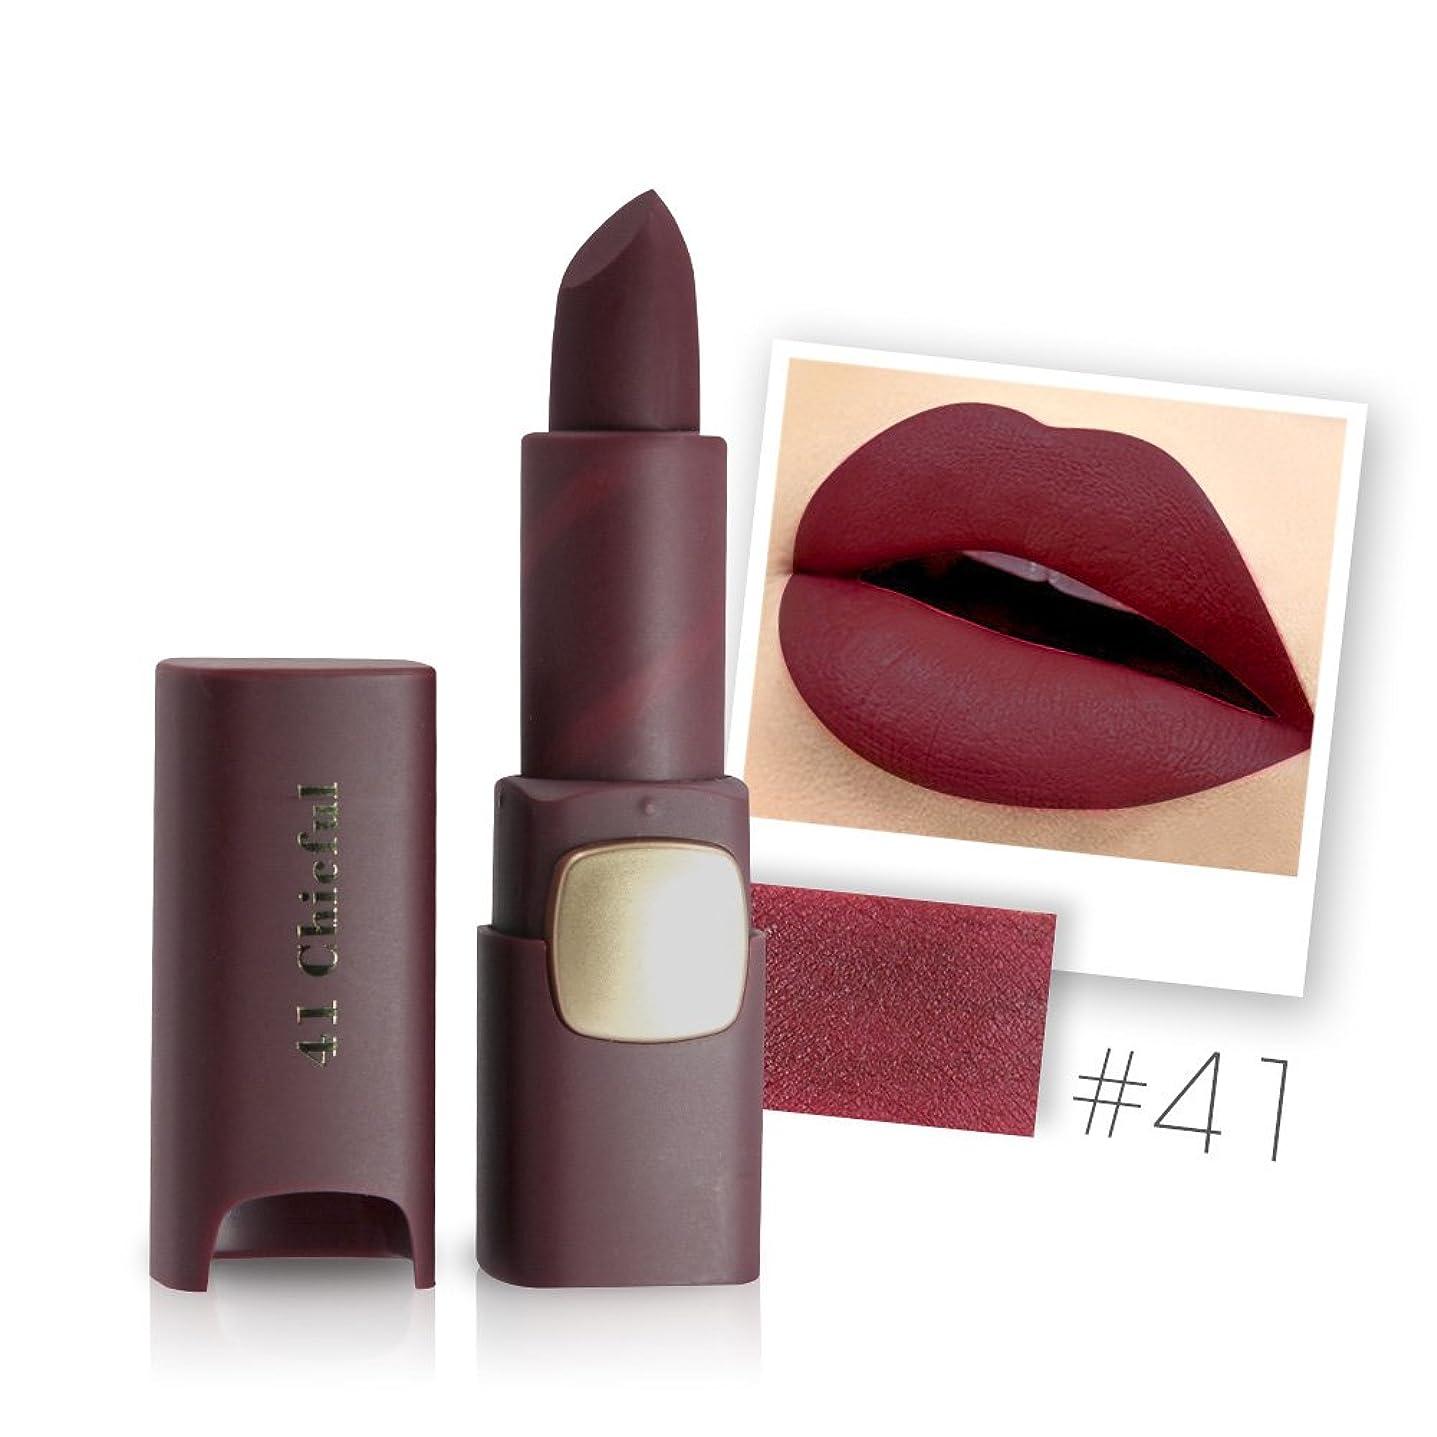 楽観的リフト労働Miss Rose Brand Matte Lipstick Waterproof Lips Moisturizing Easy To Wear Makeup Lip Sticks Gloss Lipsticks Cosmetic